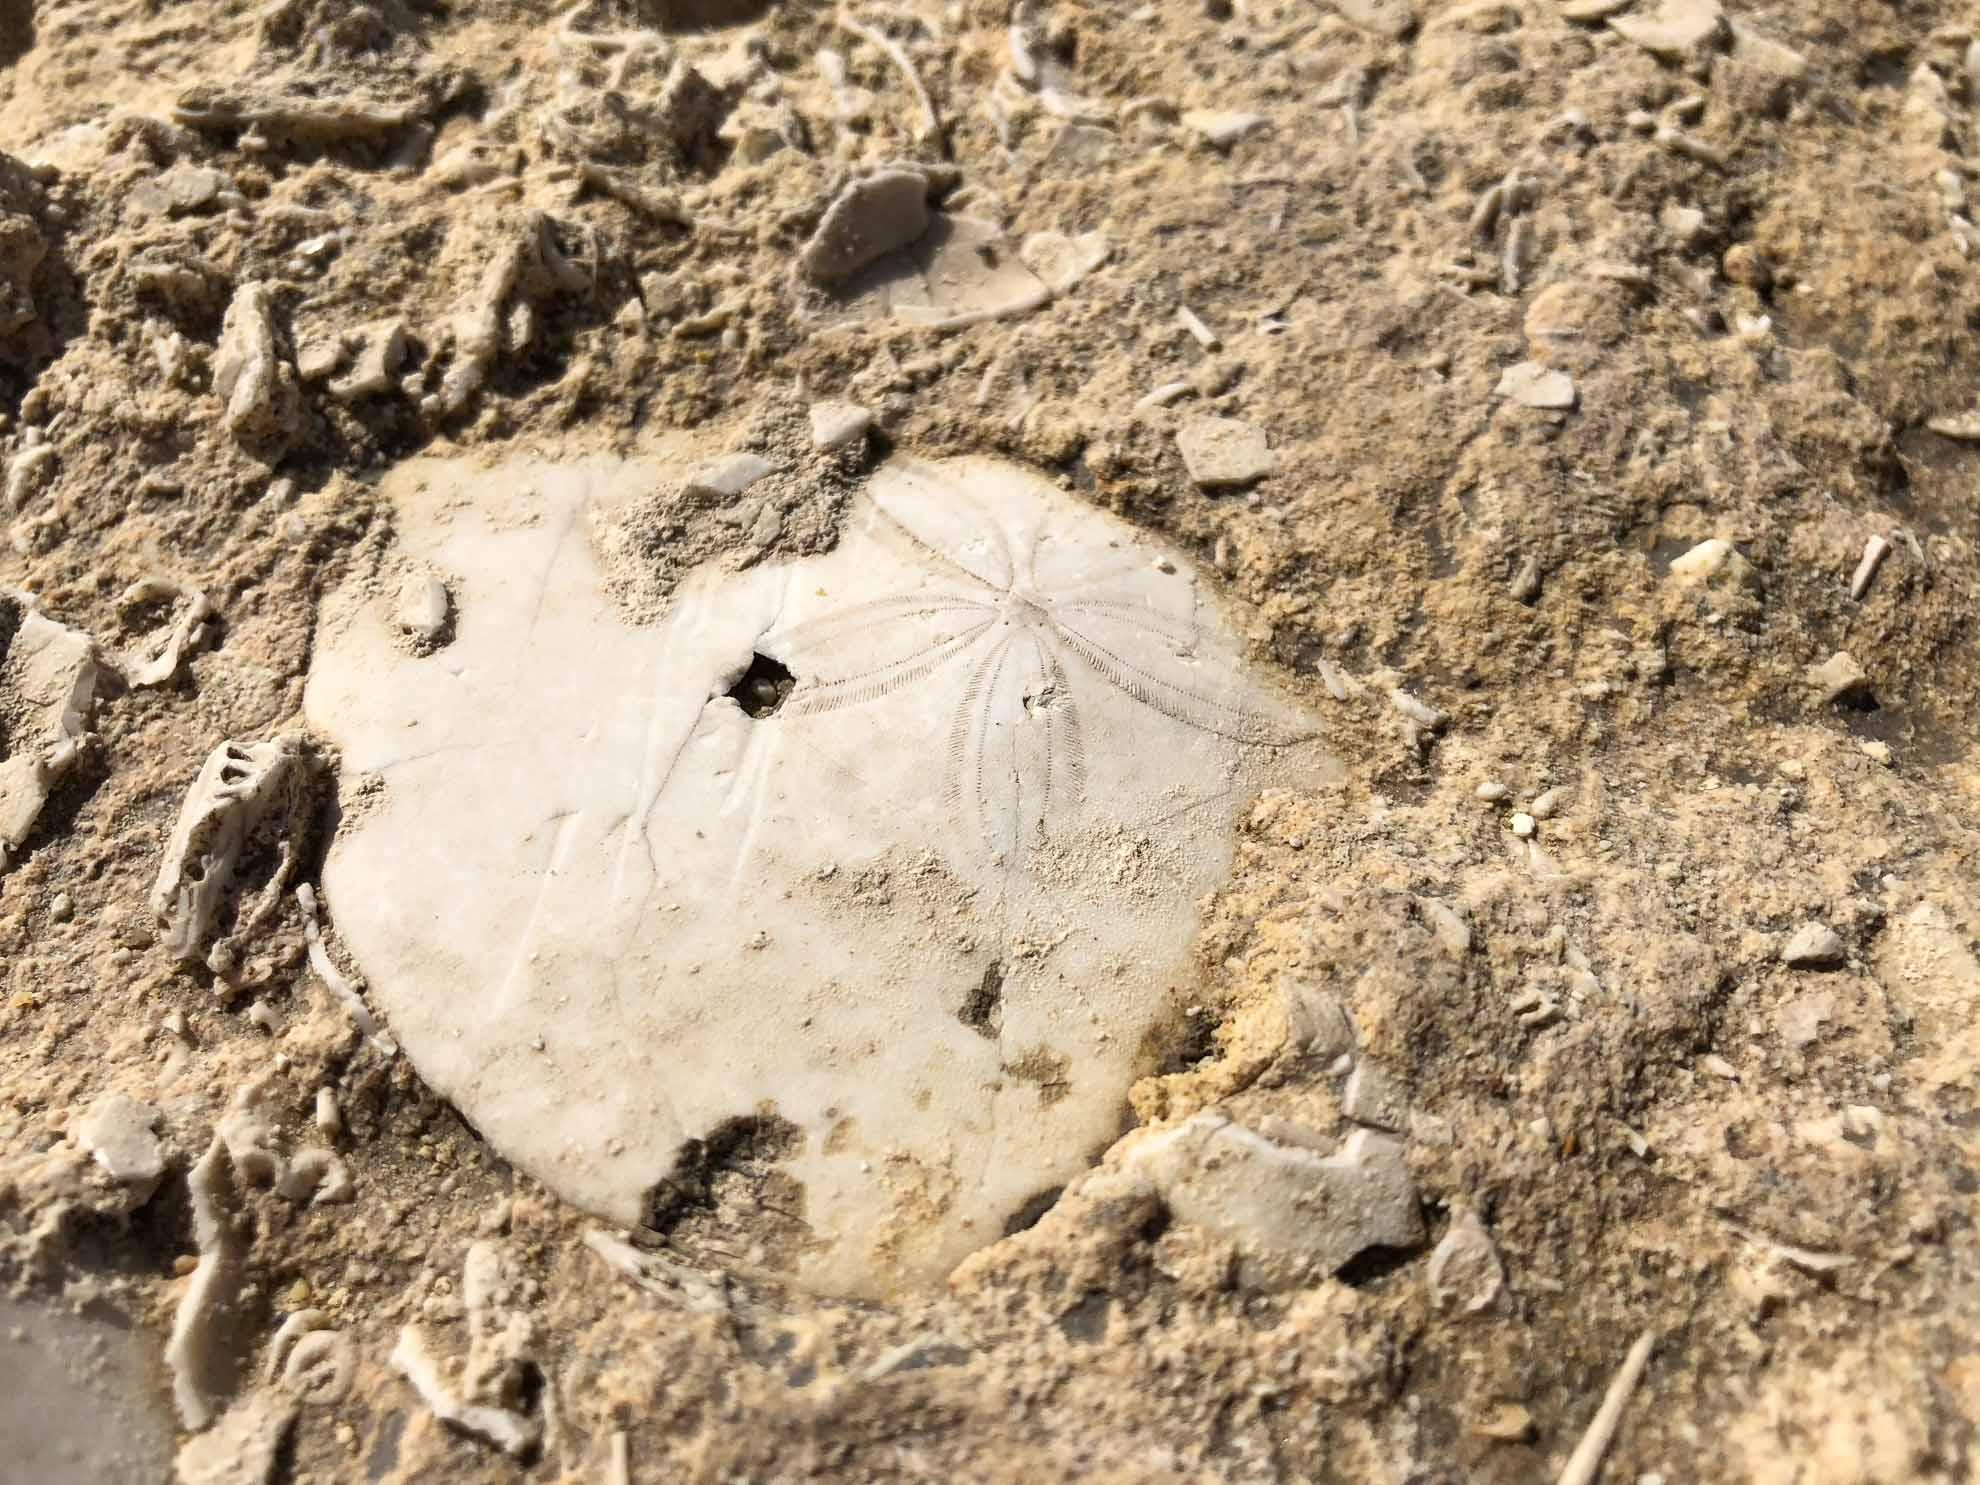 ... und besondere Funde – hier ein Teil einer Muschel.